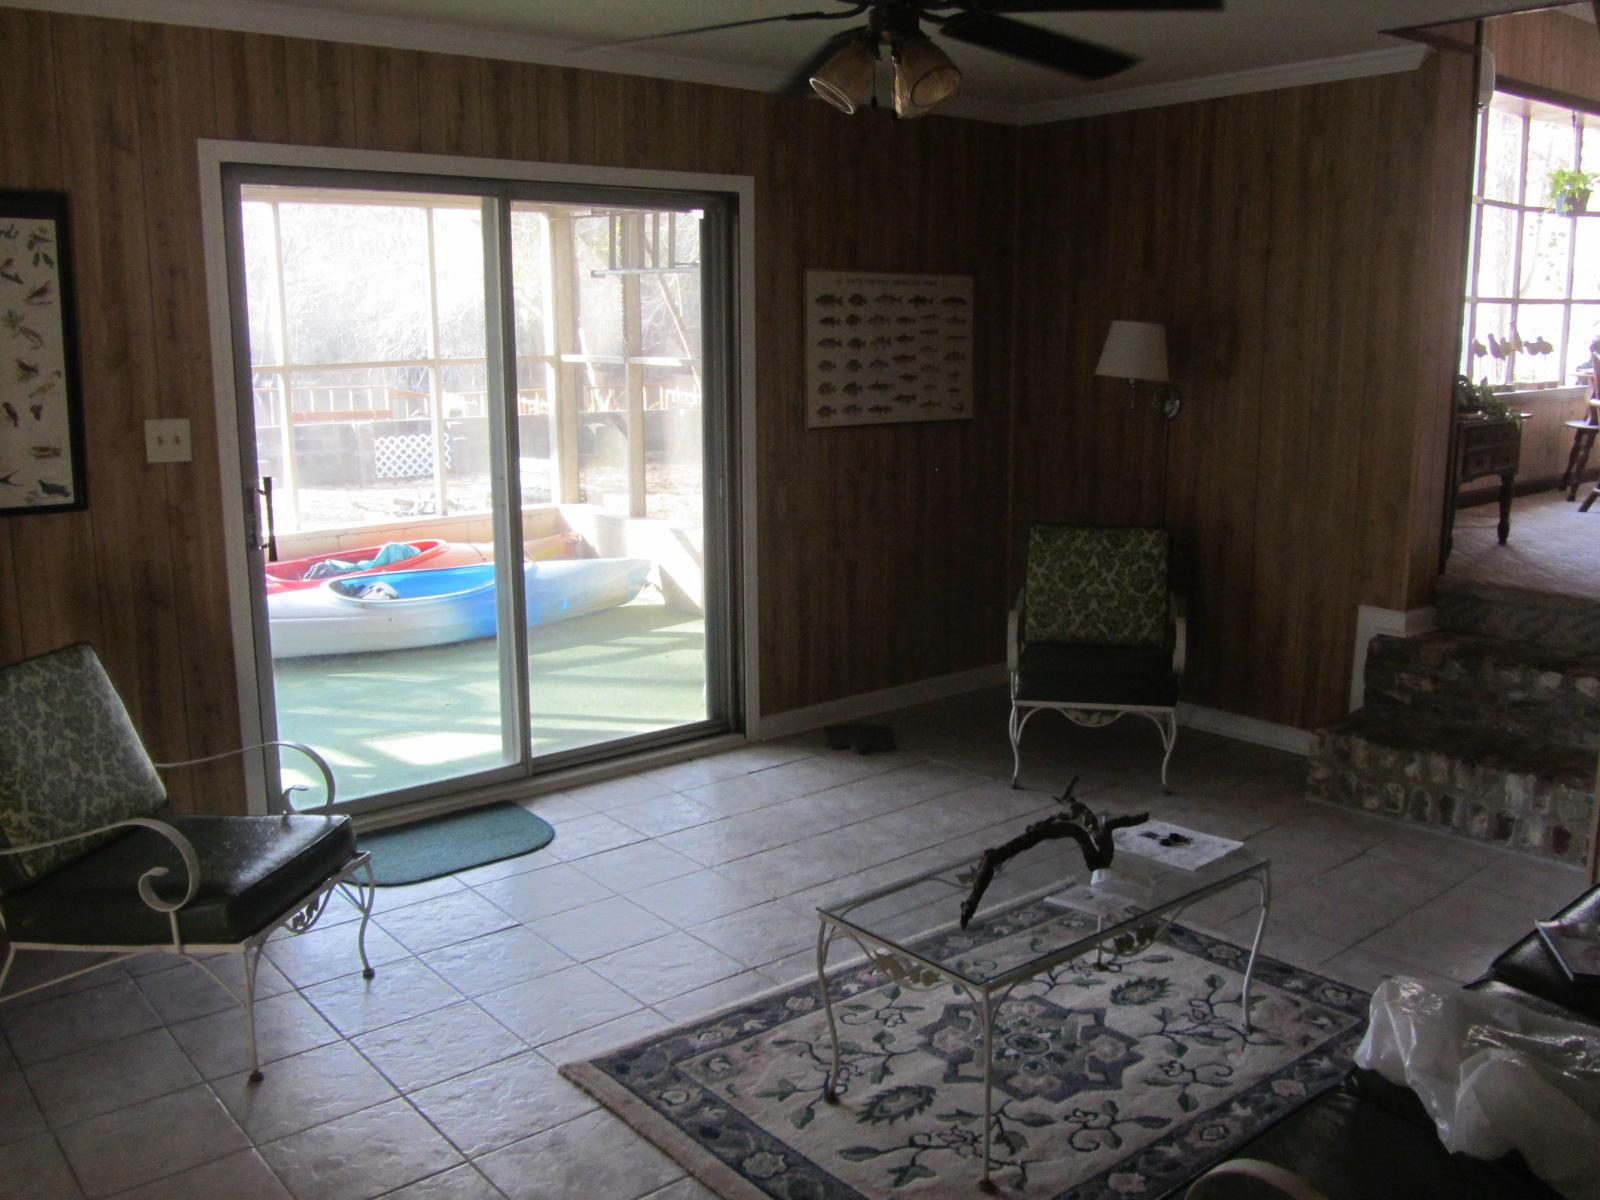 Edisto River Homes For Sale - 265 Blackwater, Round O, SC - 31